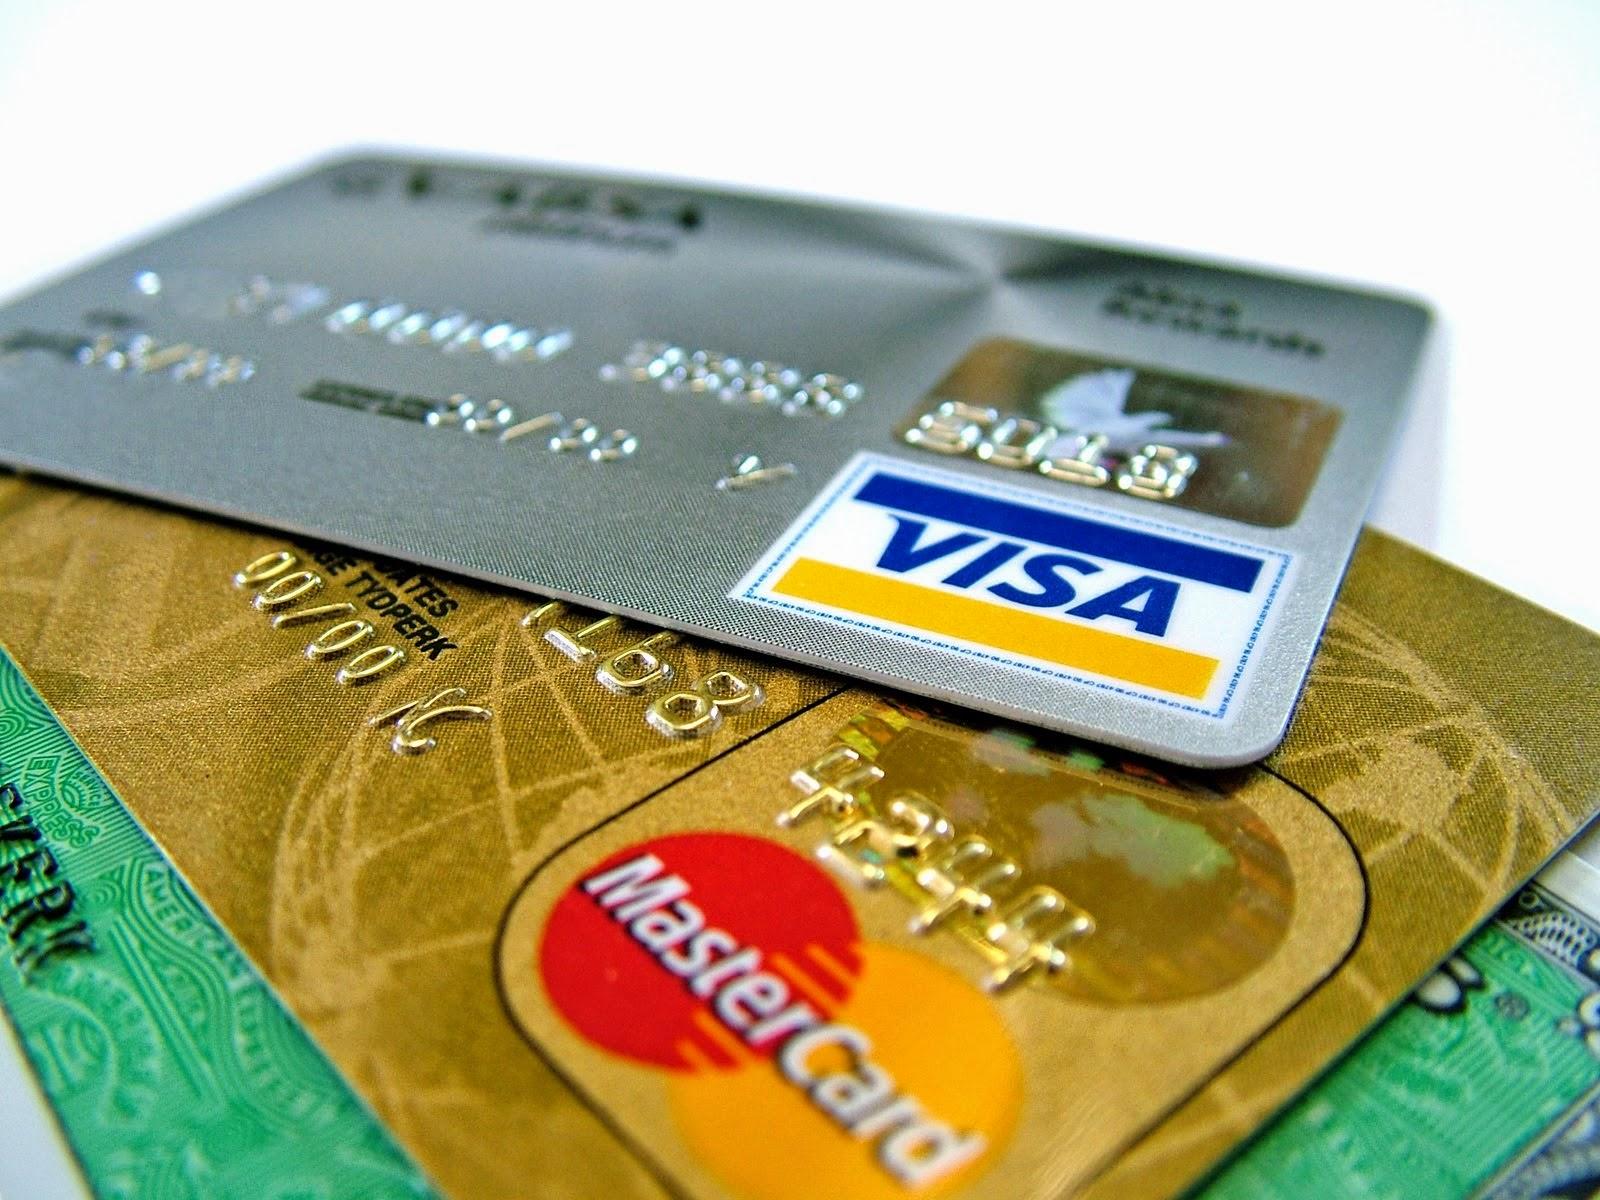 Como cancelo meu cartão de crédito?